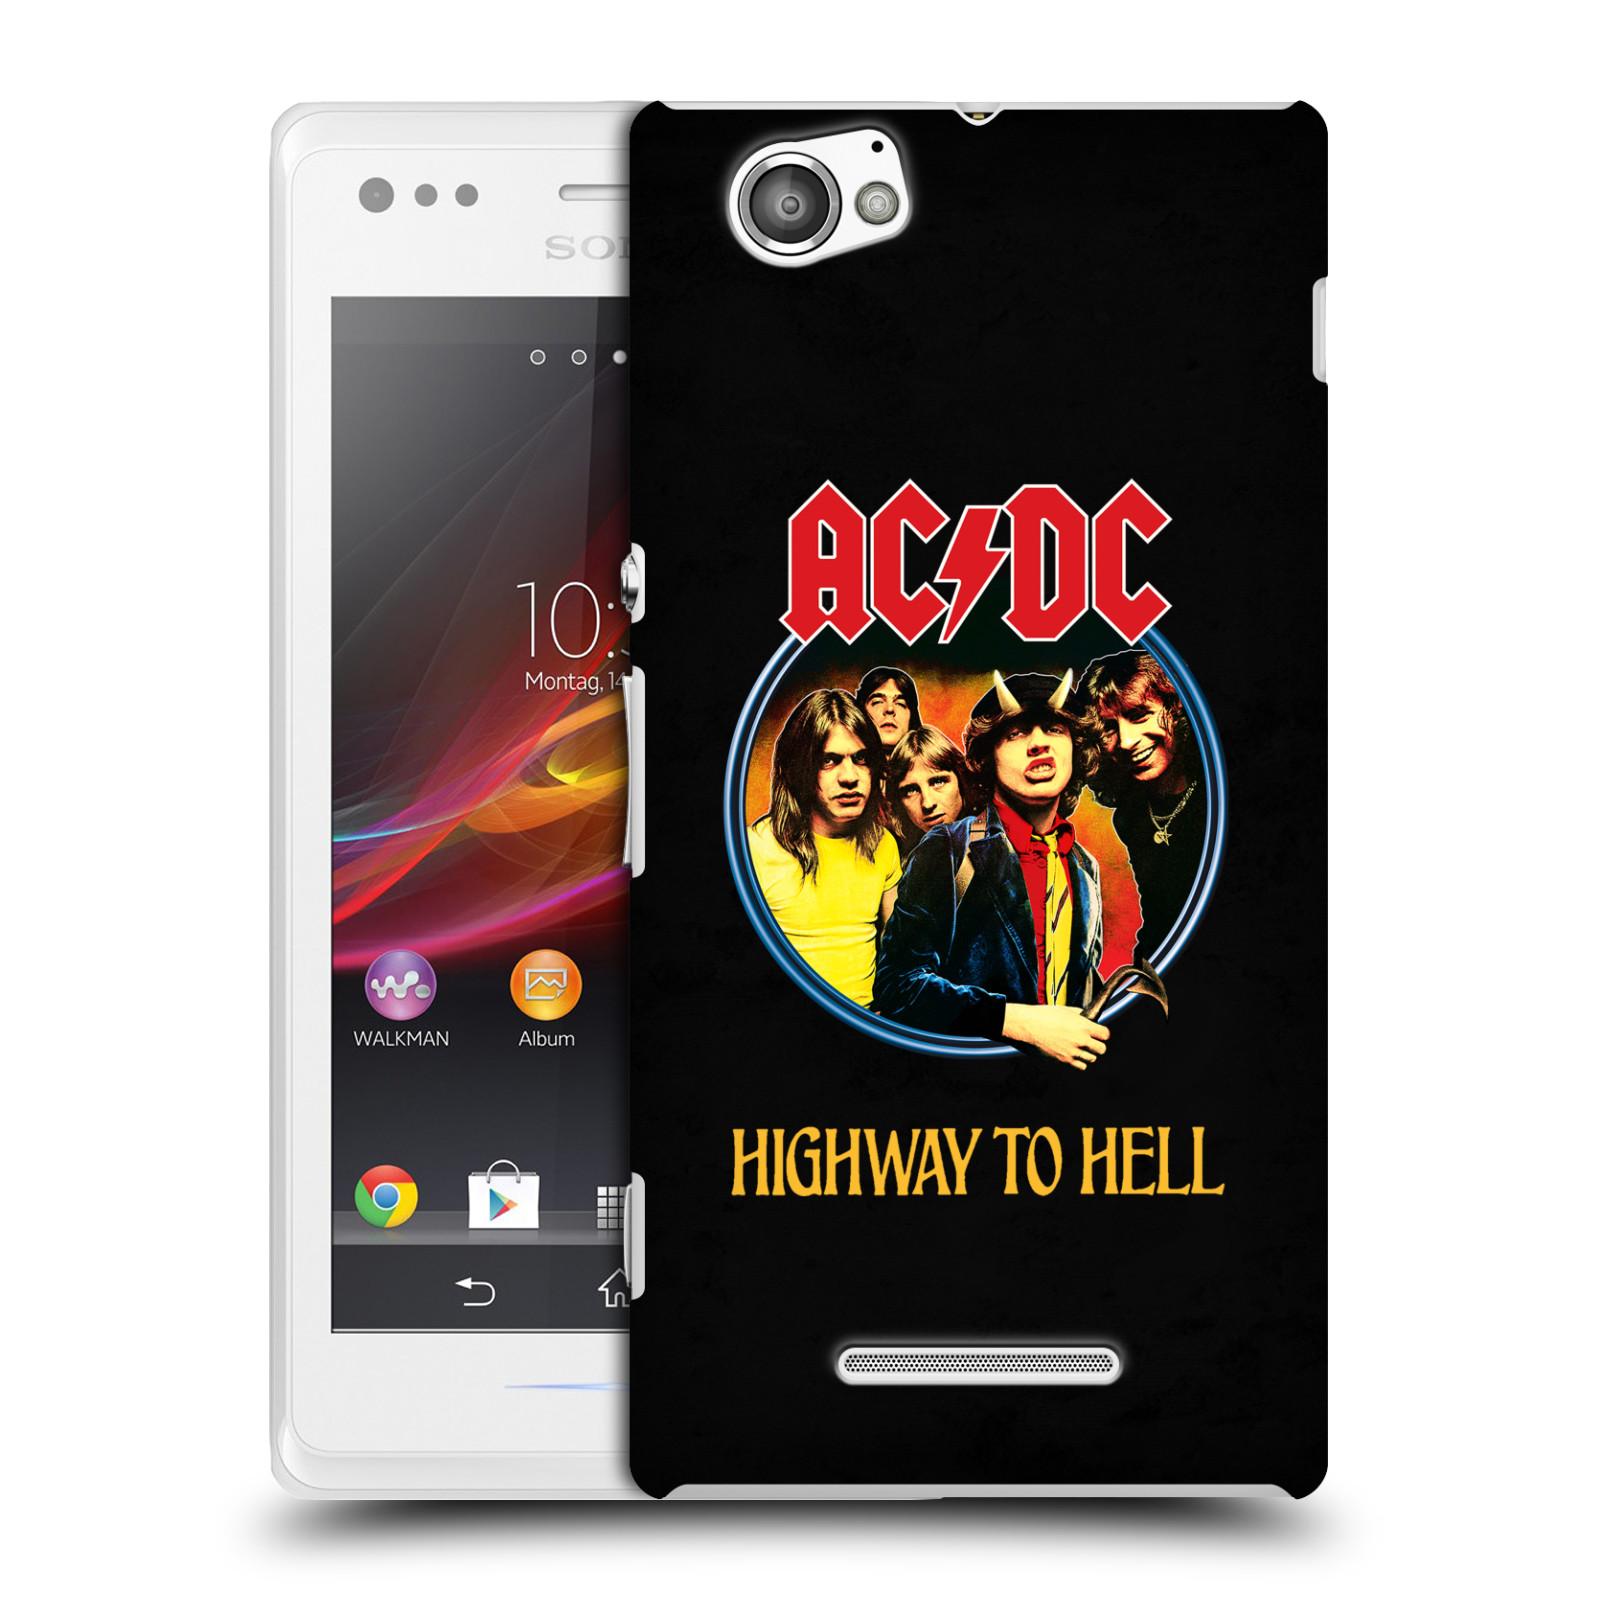 Plastové pouzdro na mobil Sony Xperia M C1905 HEAD CASE AC/DC Highway to Hell (Plastový kryt či obal na mobilní telefon s oficiálním motivem australské skupiny AC/DC pro Sony Xperia M )